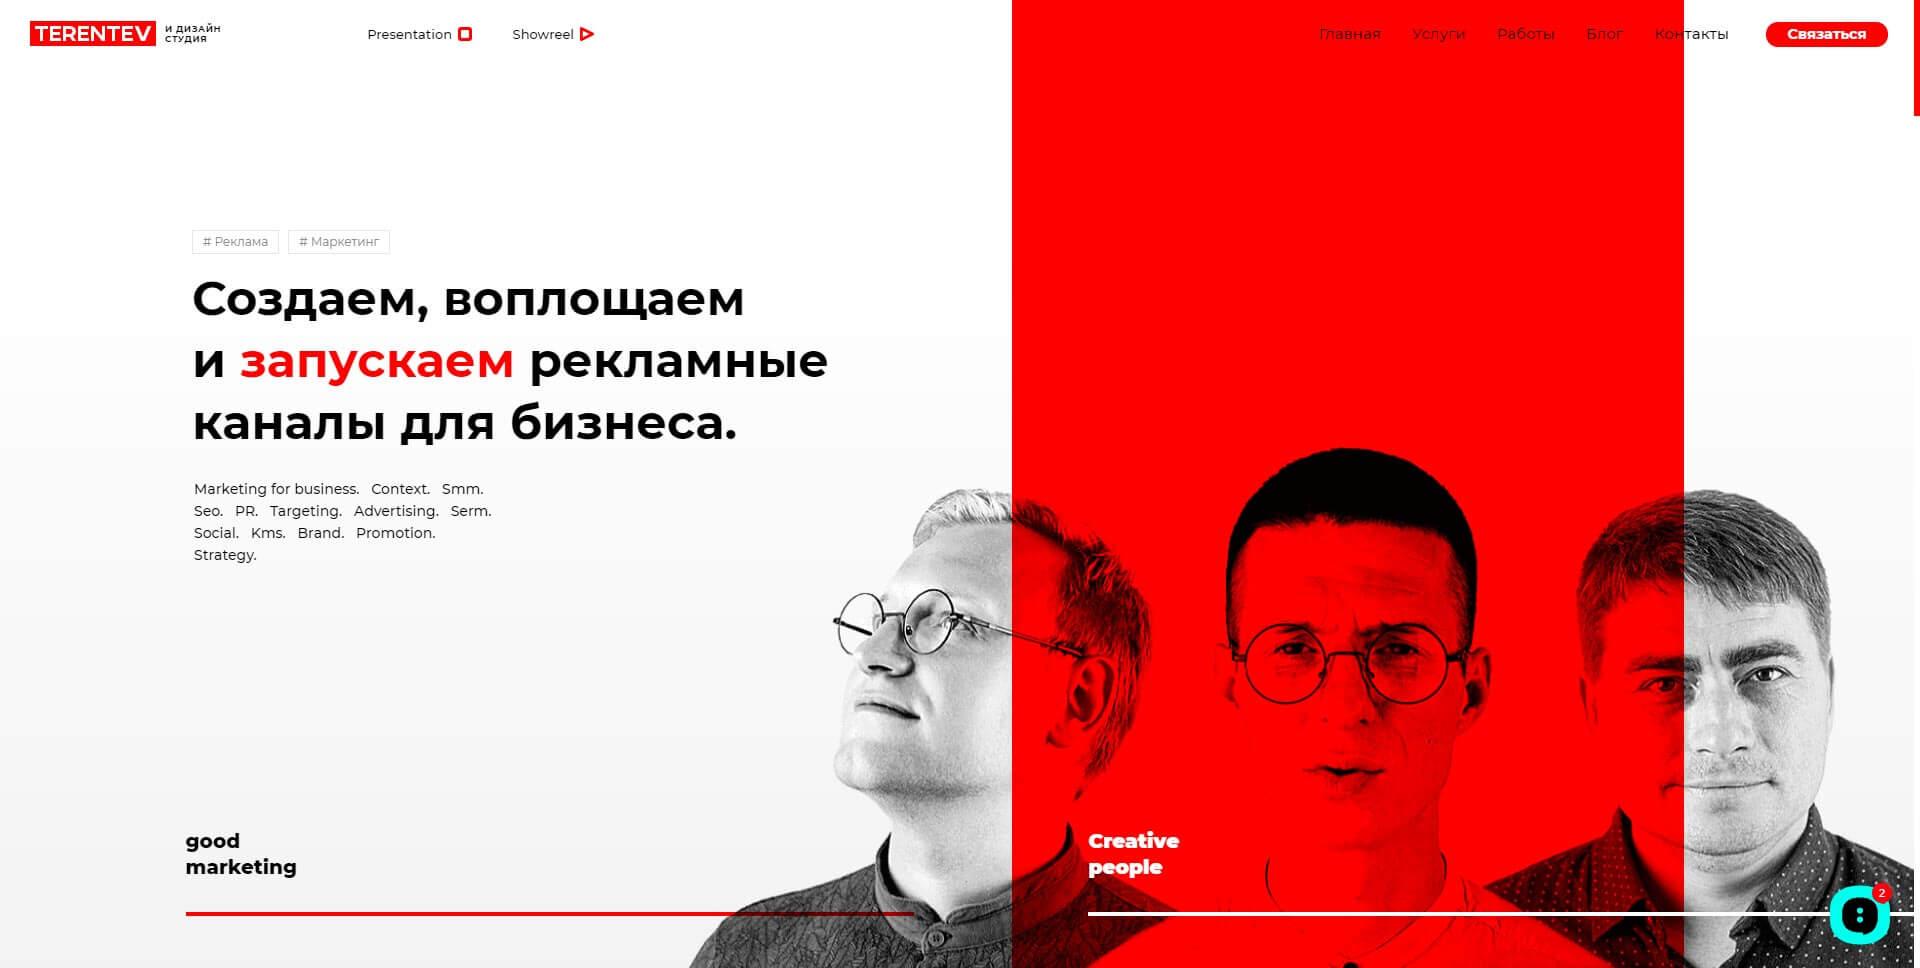 Terentev Design Studio - обзор компании, услуги, отзывы, клиенты, Фото № 2 - google-seo.pro